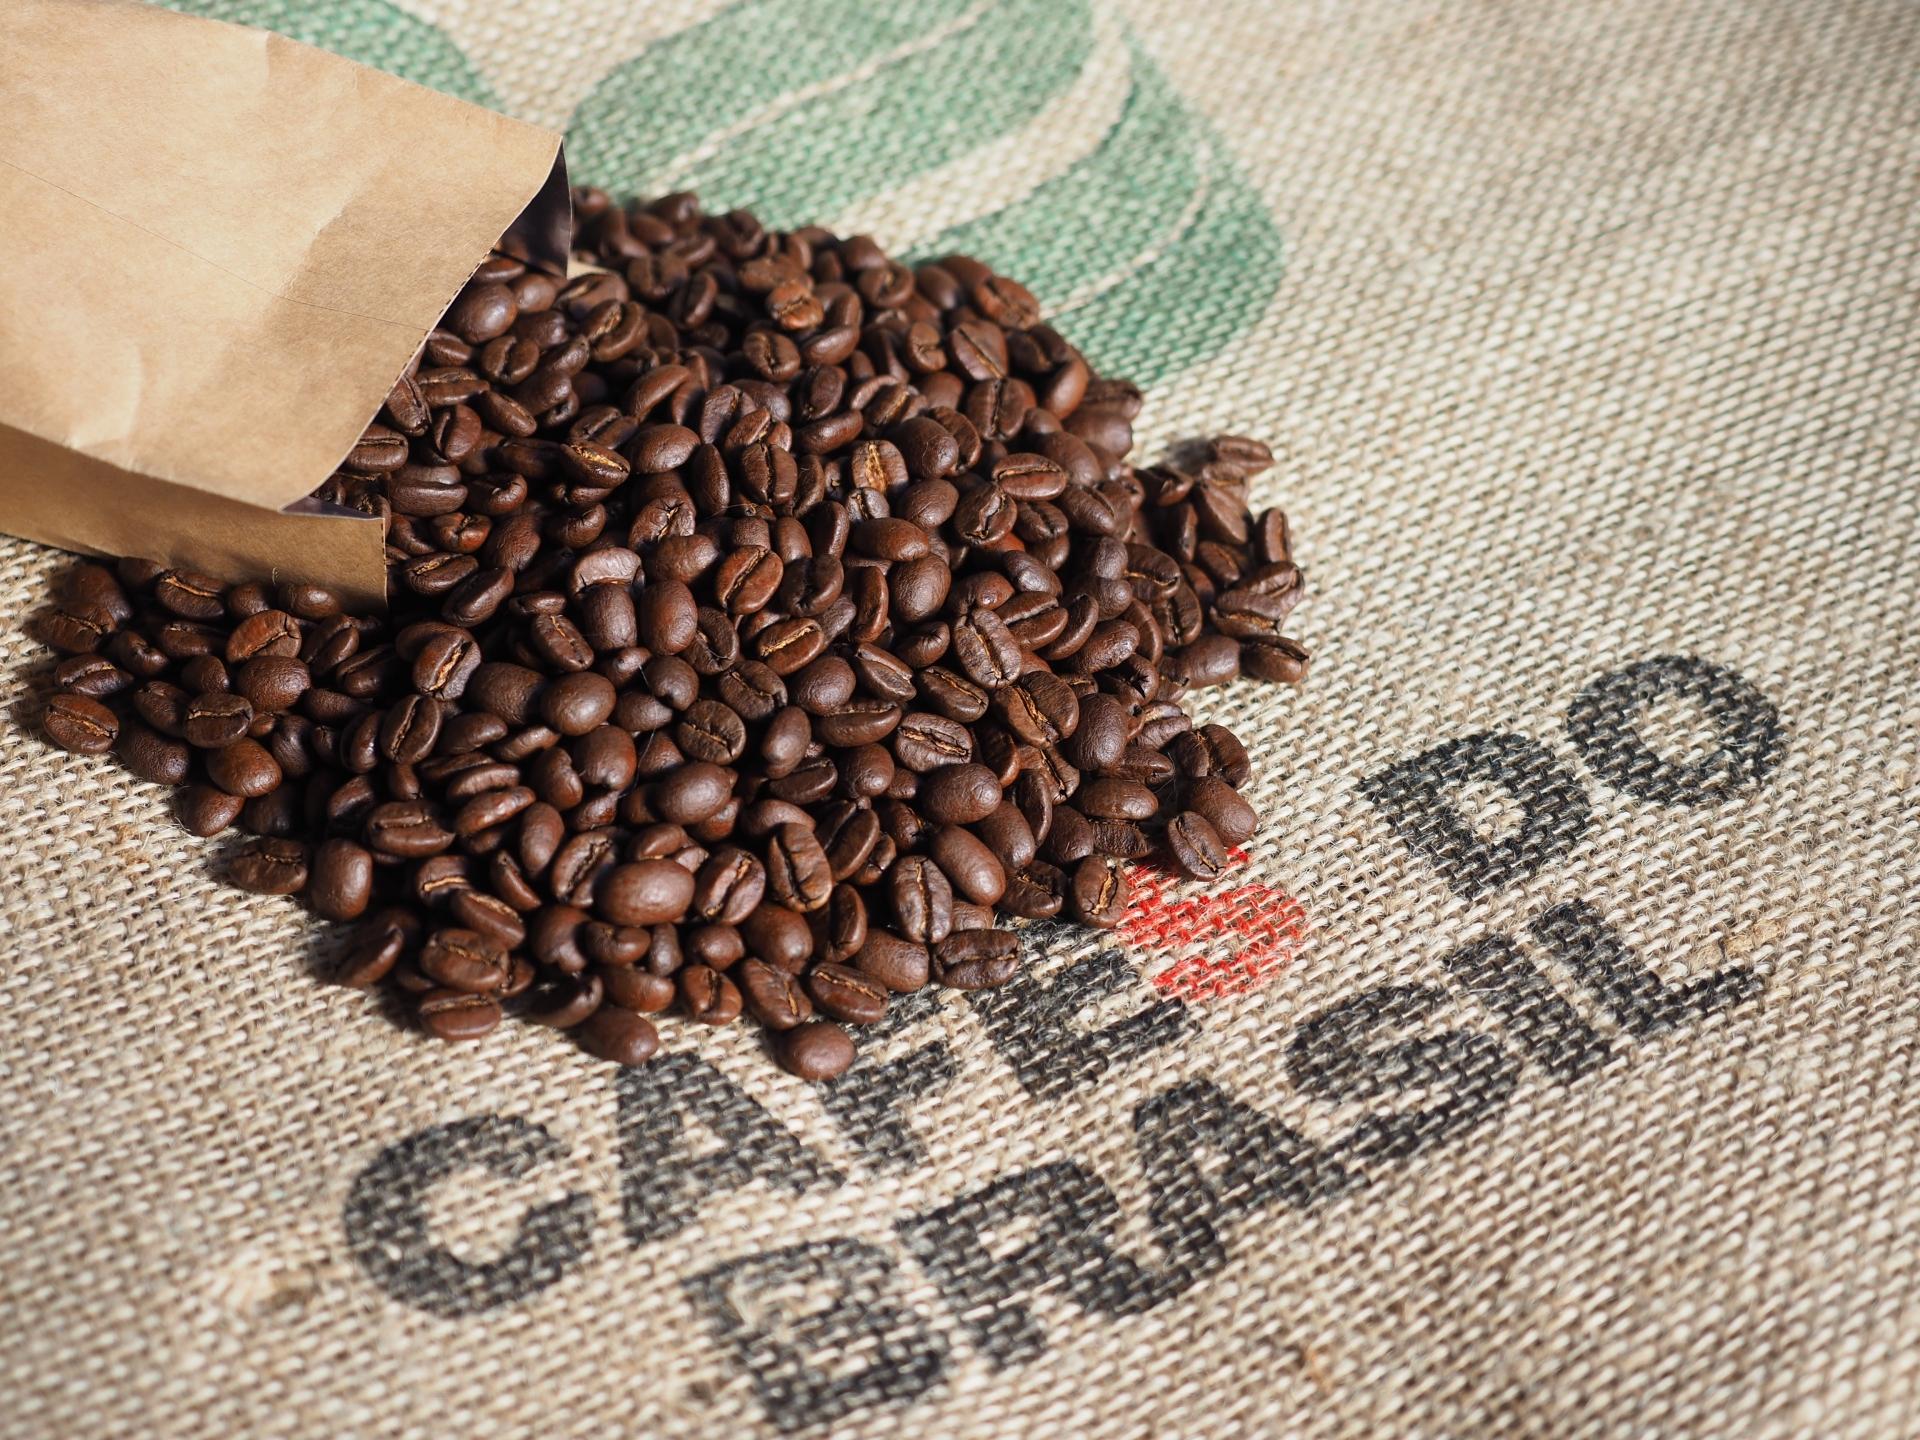 健康のための美味しいコーヒーの嗜み方ー焙煎編ー